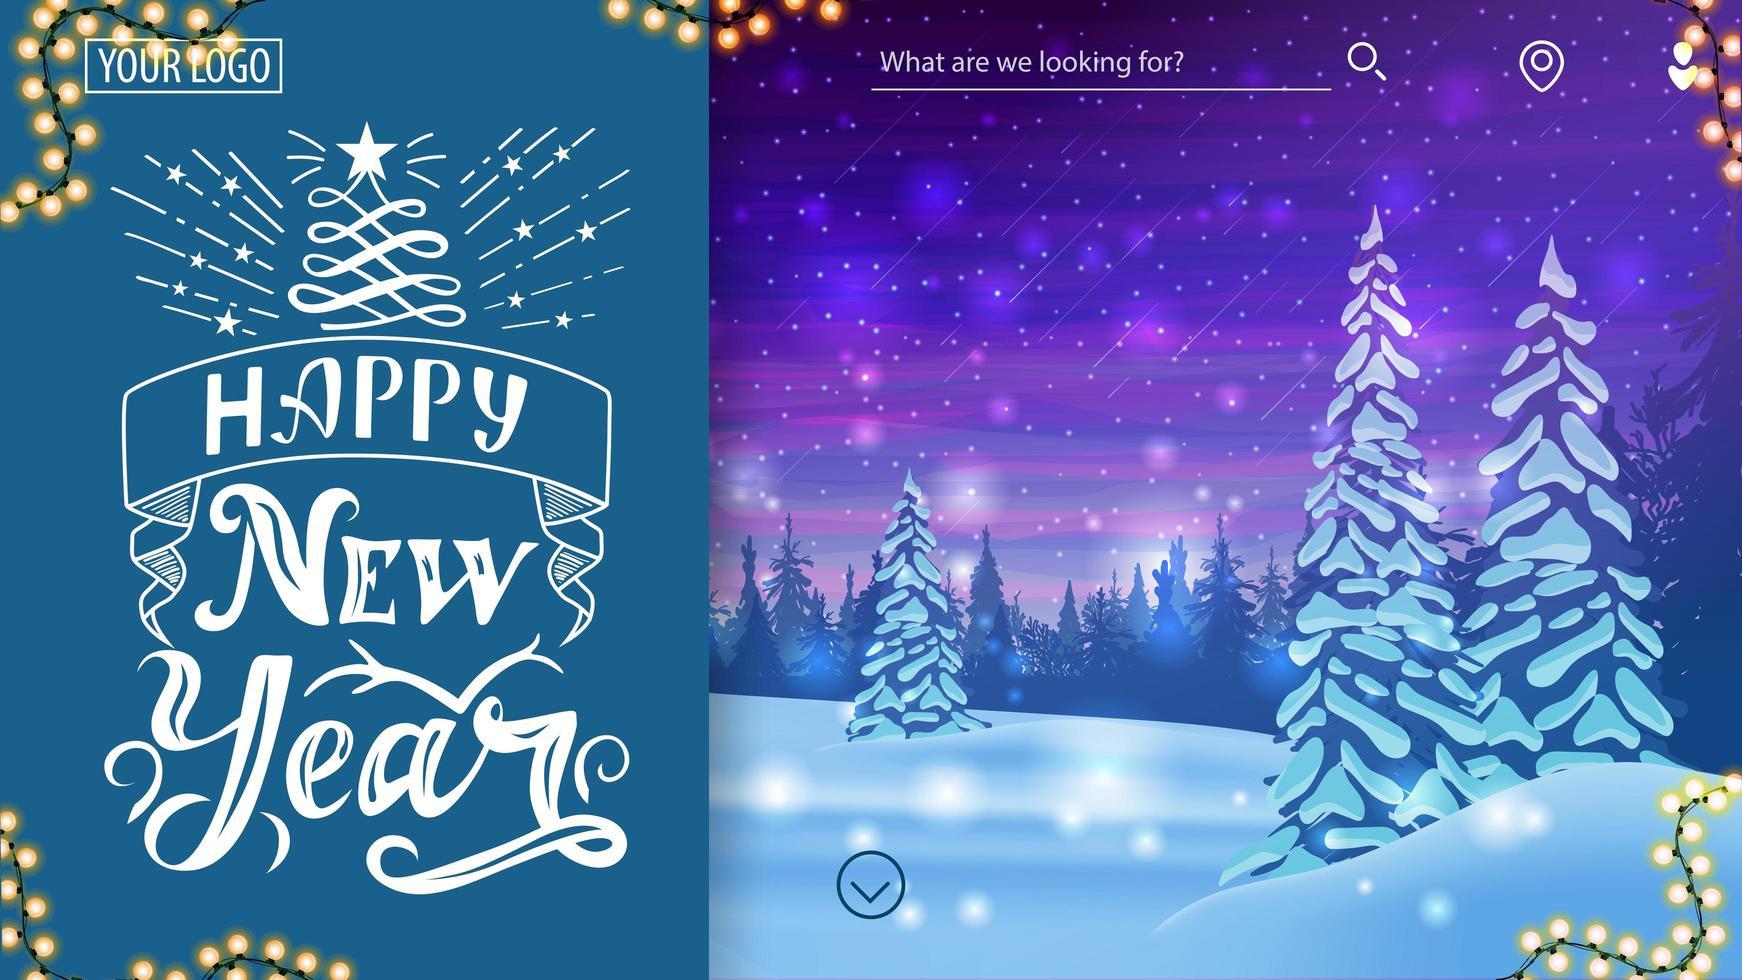 Frohes neues Jahr, Grußpostkarte für Website vektor